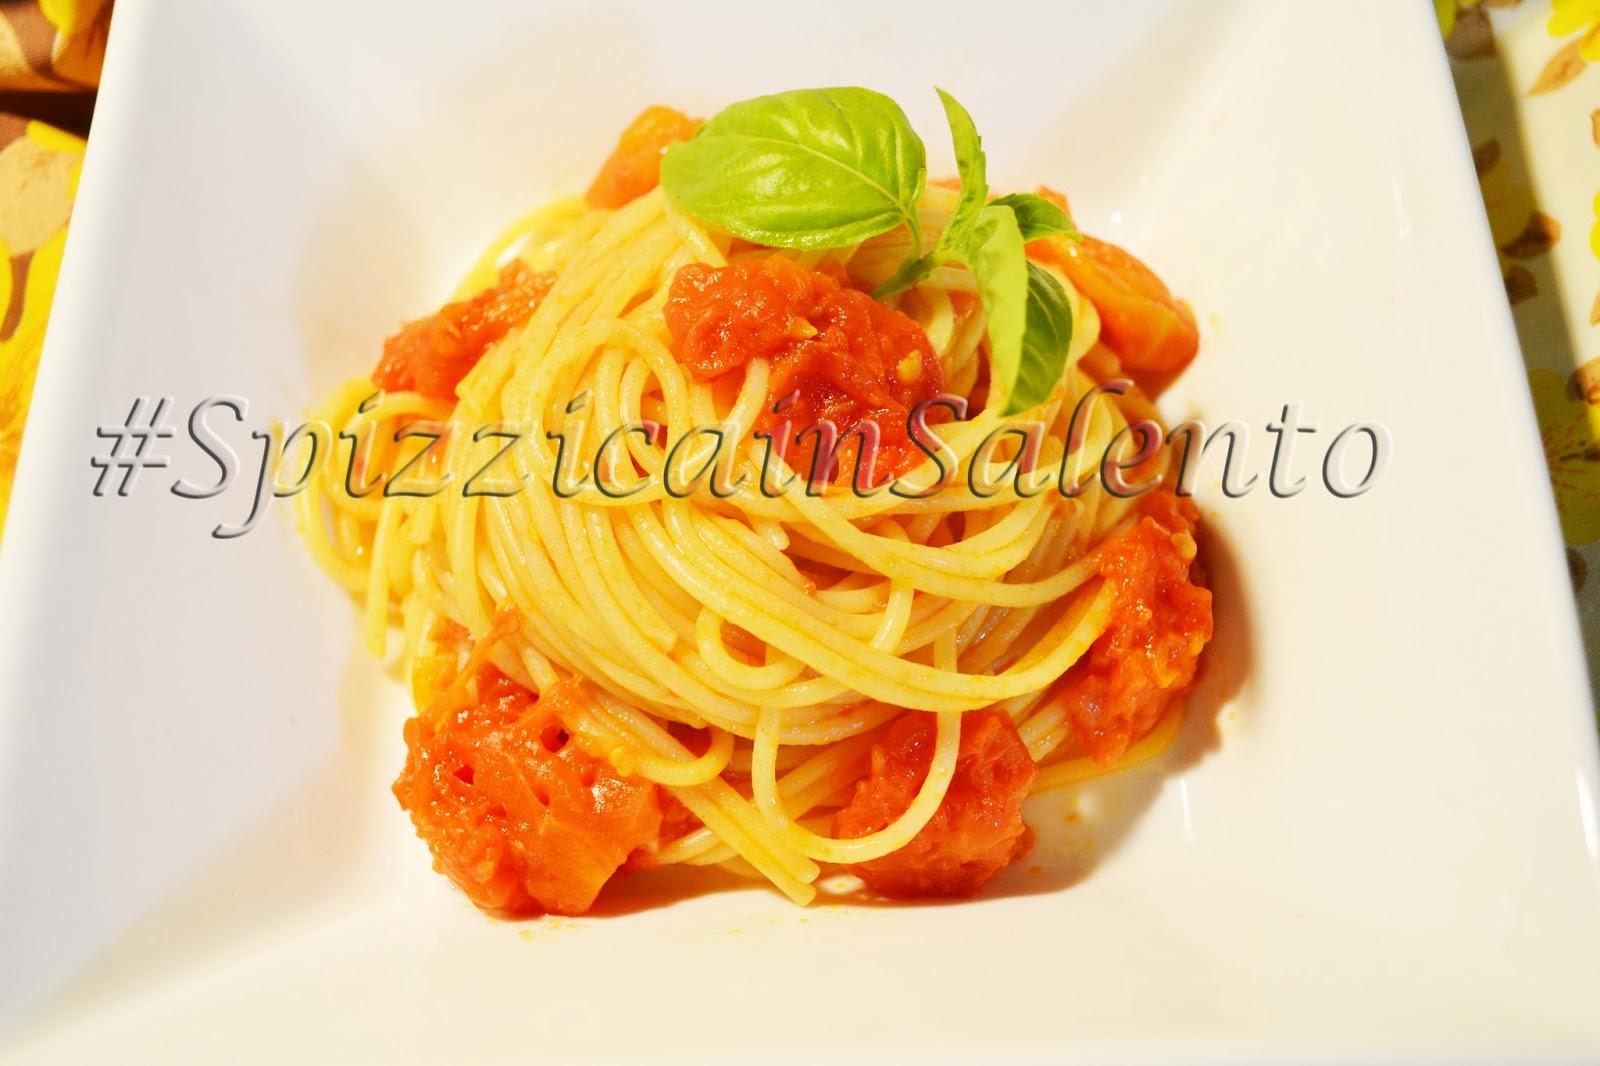 giornata internazionale della cucina italiana idic2014 - spaghetti pomodoro e basilico